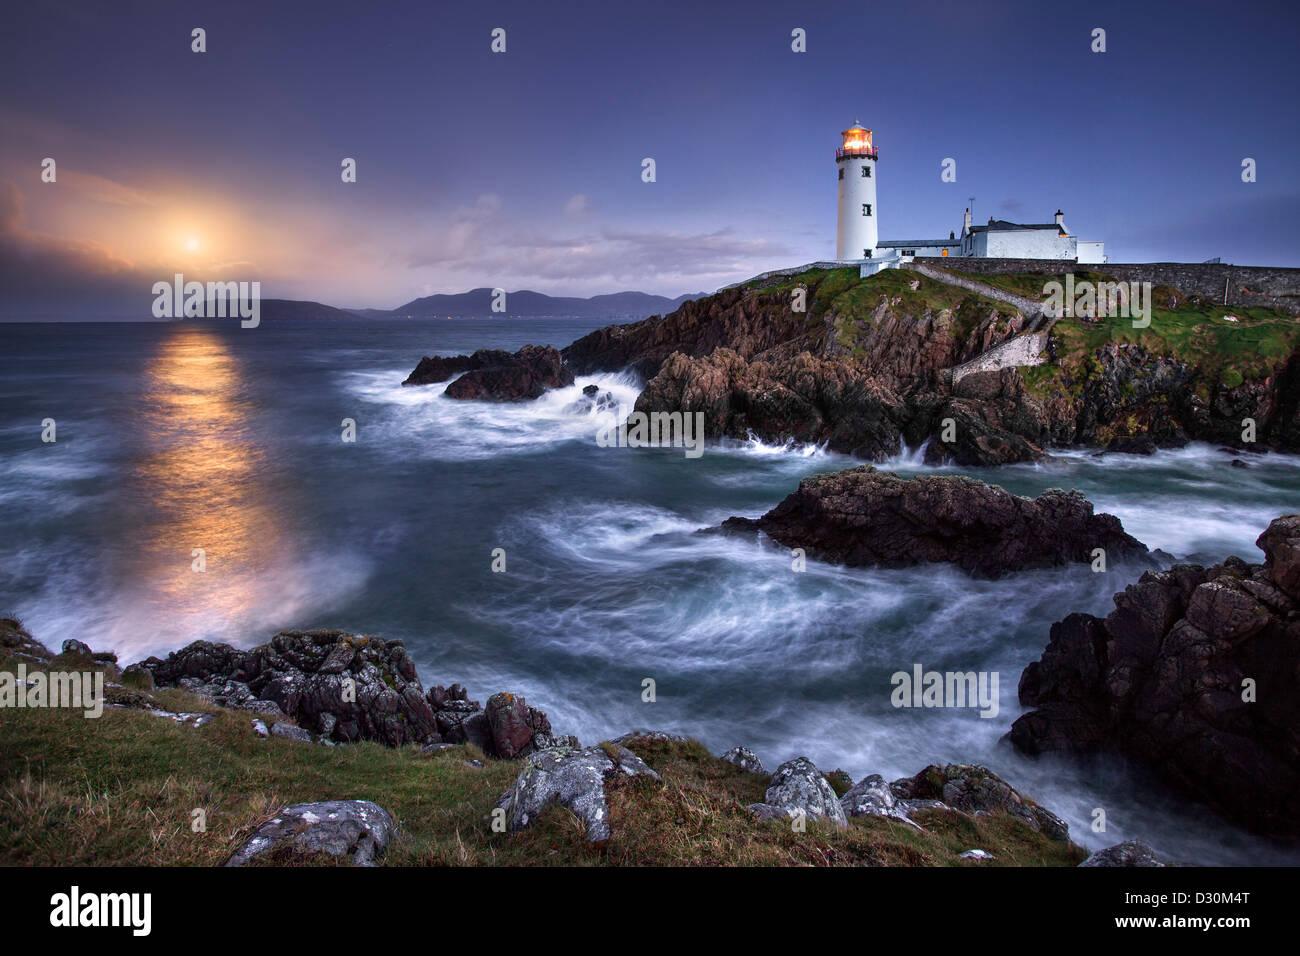 Fanad Head capturé comme une pleine lune s'élève derrière le phare Photo Stock